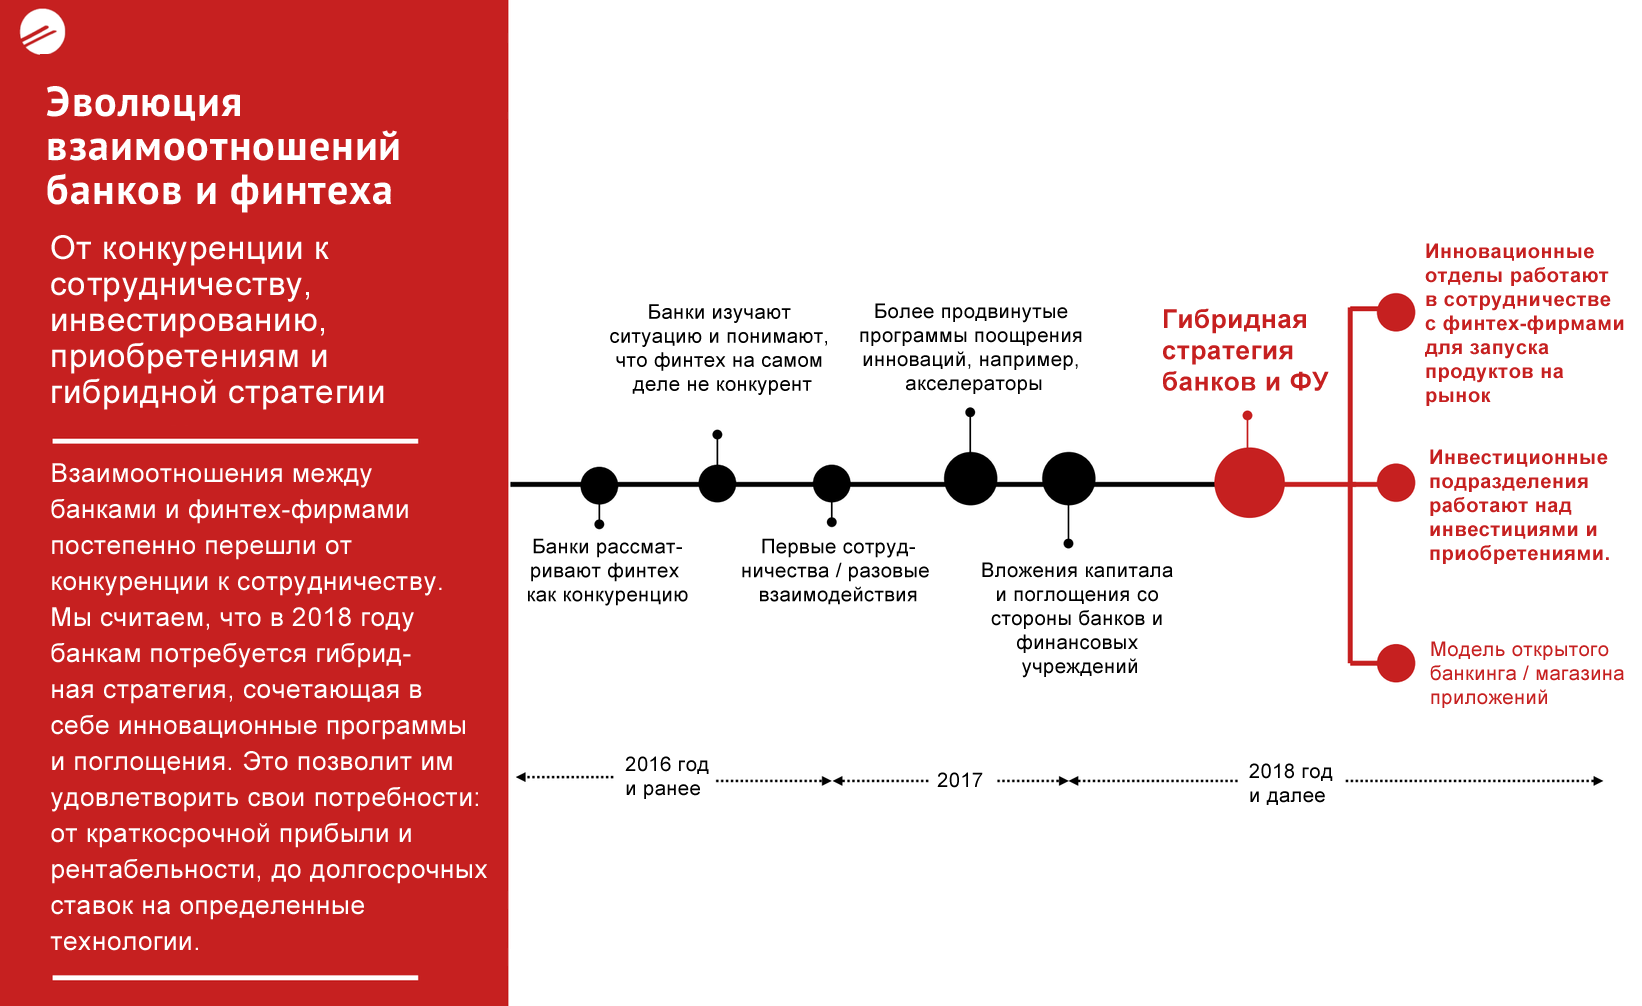 Эволюция взаимоотношений банков и финтеха - 2